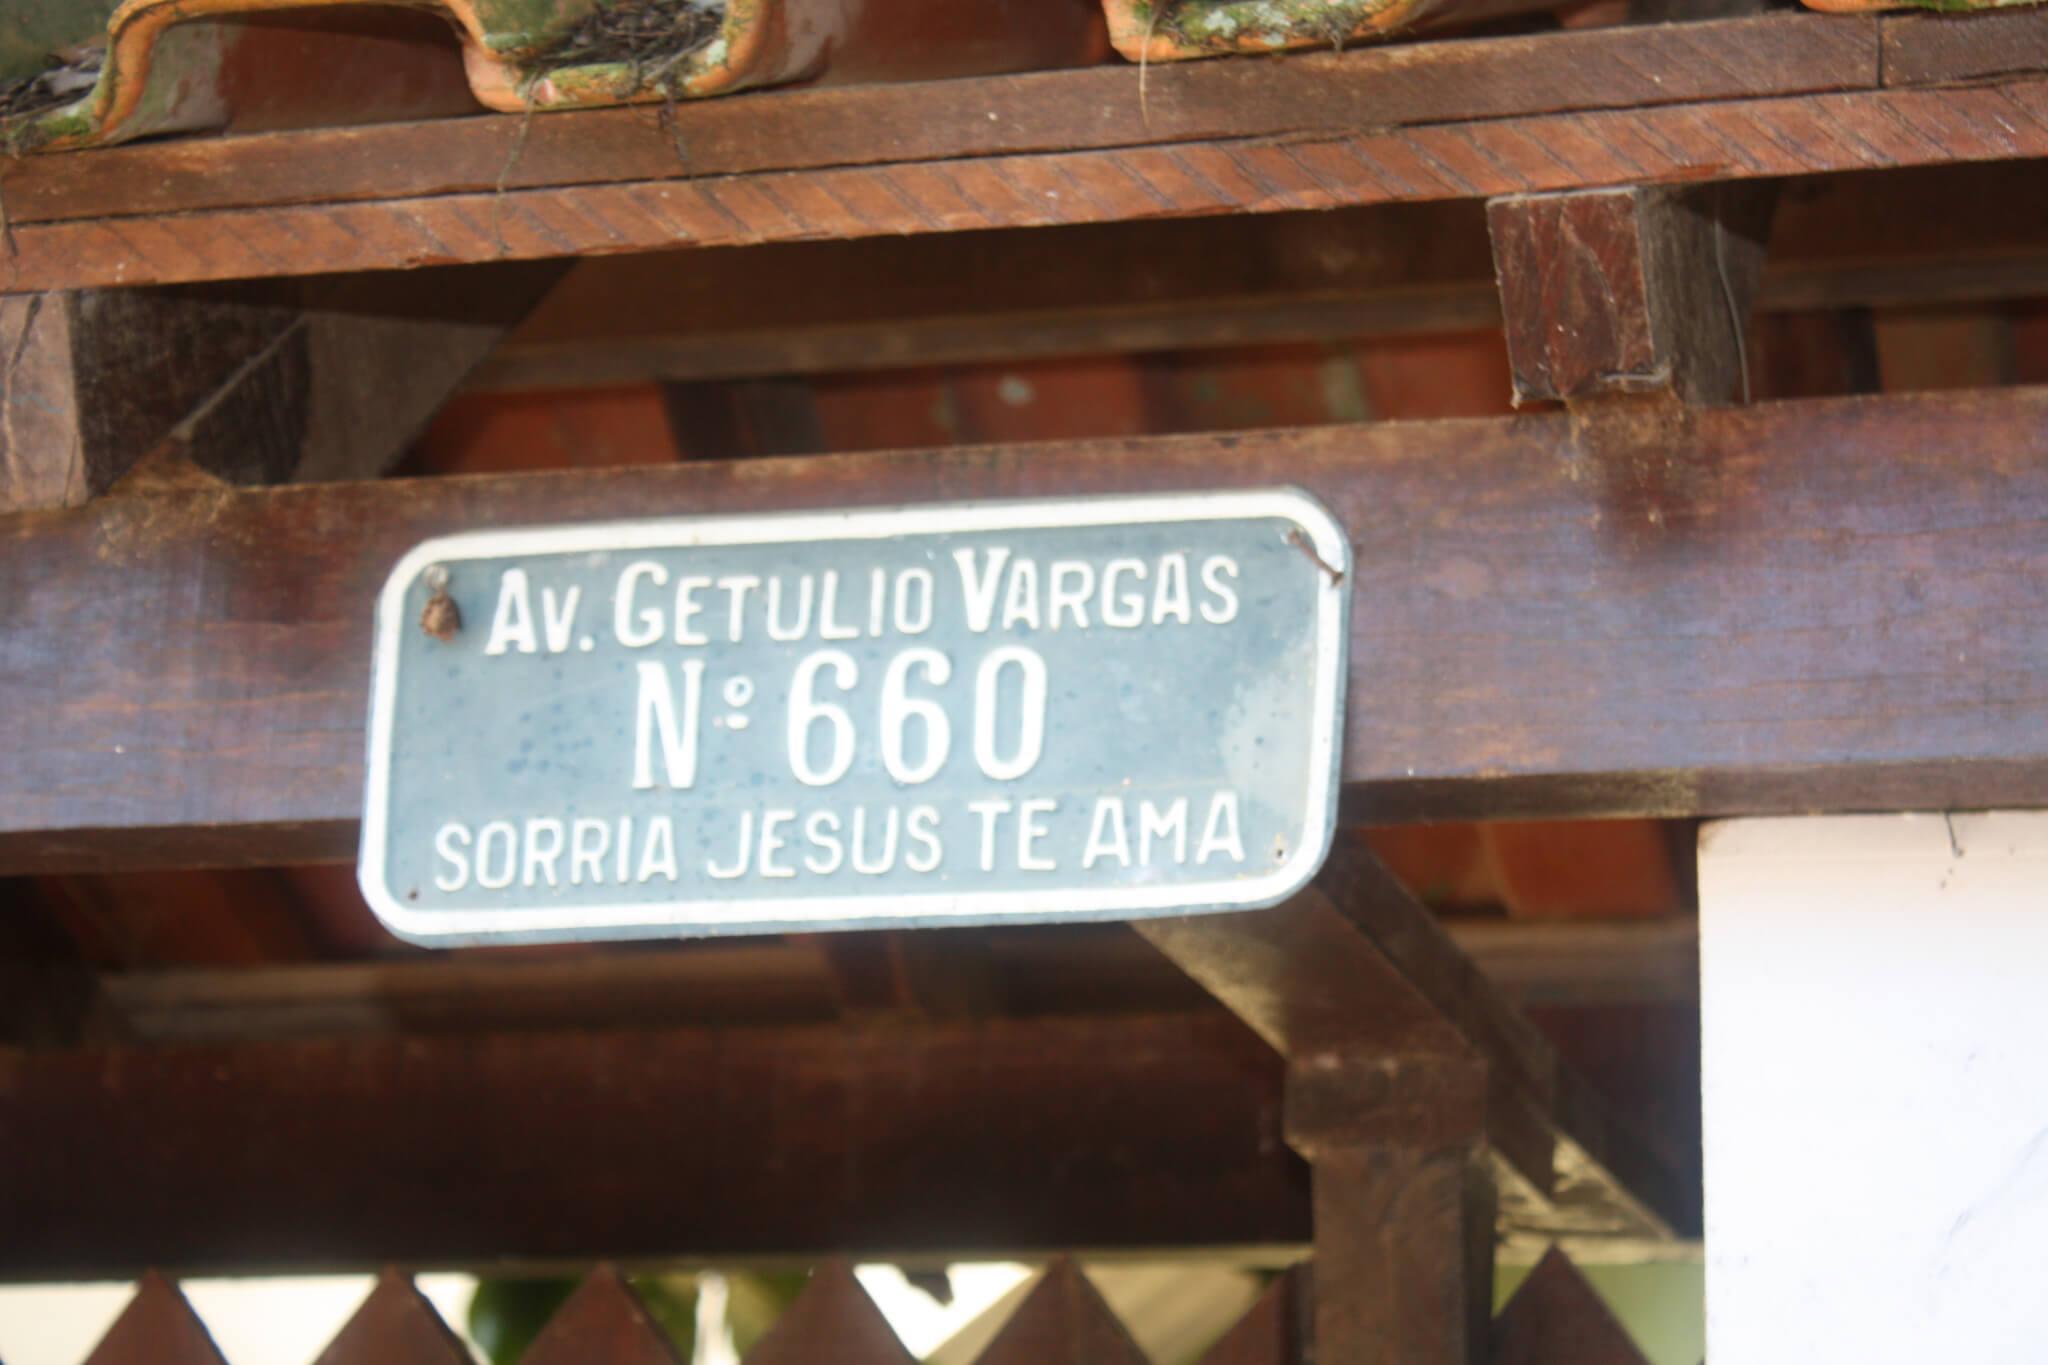 Catholic Brazil